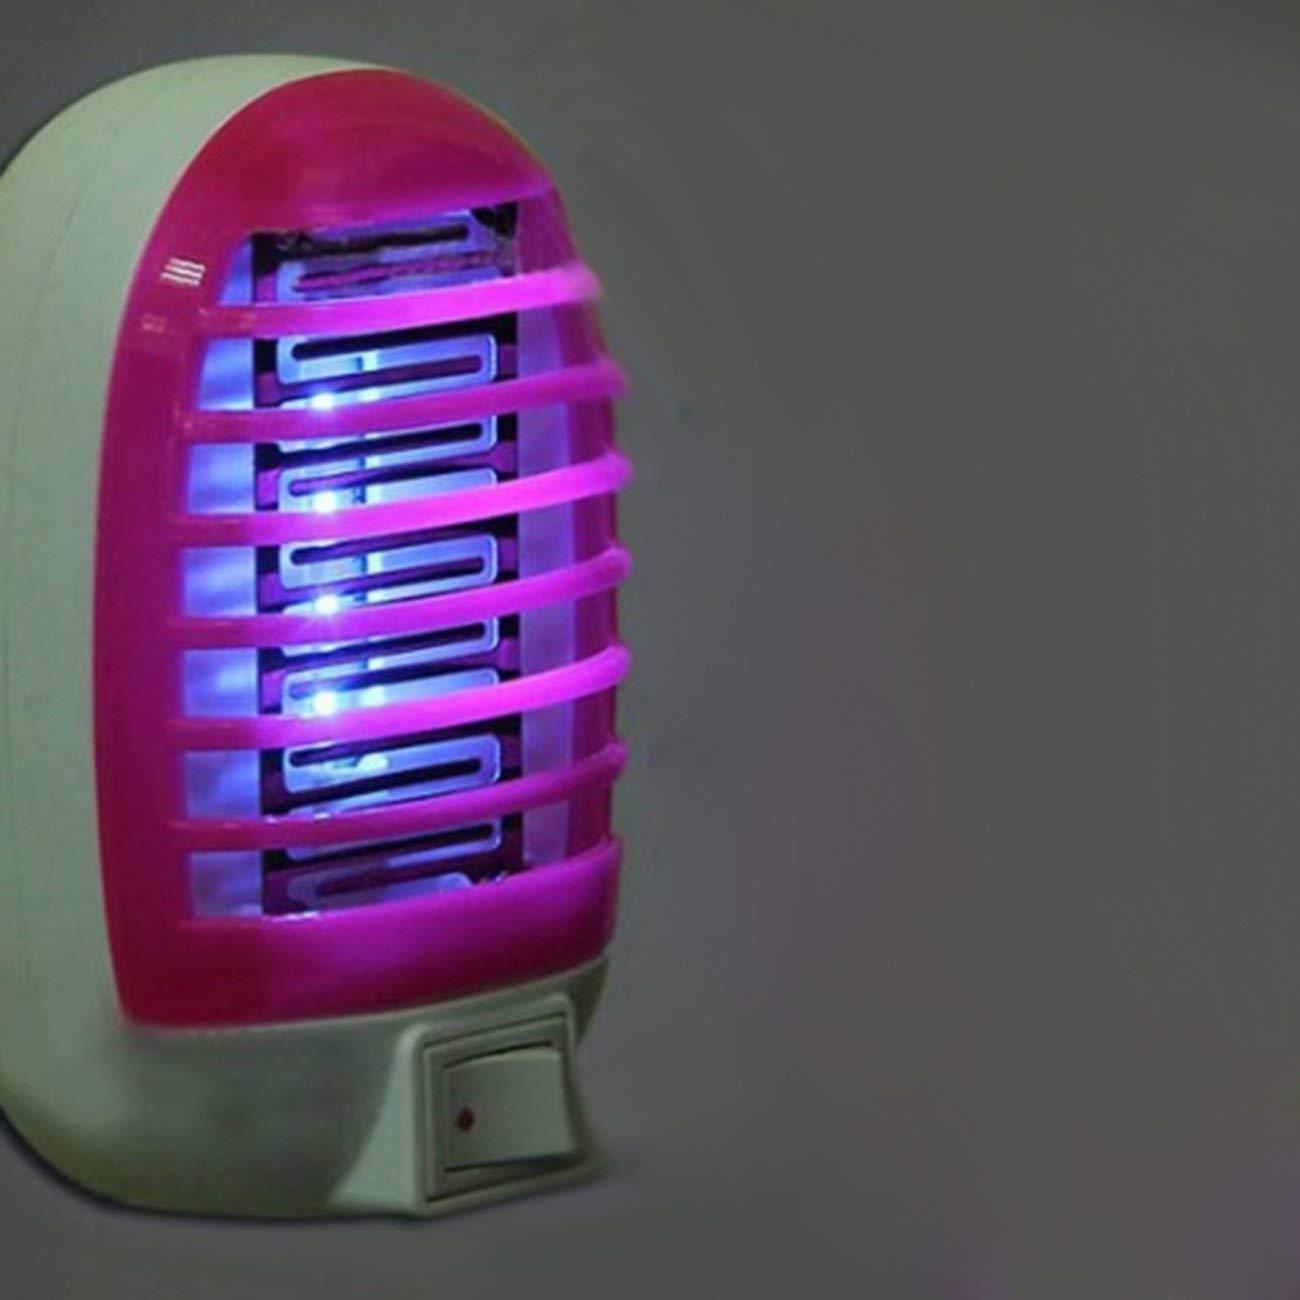 Mini presa LED Mosquito Fly Bug Trappola per insetti Lampada da notte Killer Zapper Zanzara elettrica Lampada Killer Repellente per zanzare JBP-X rosa rossa